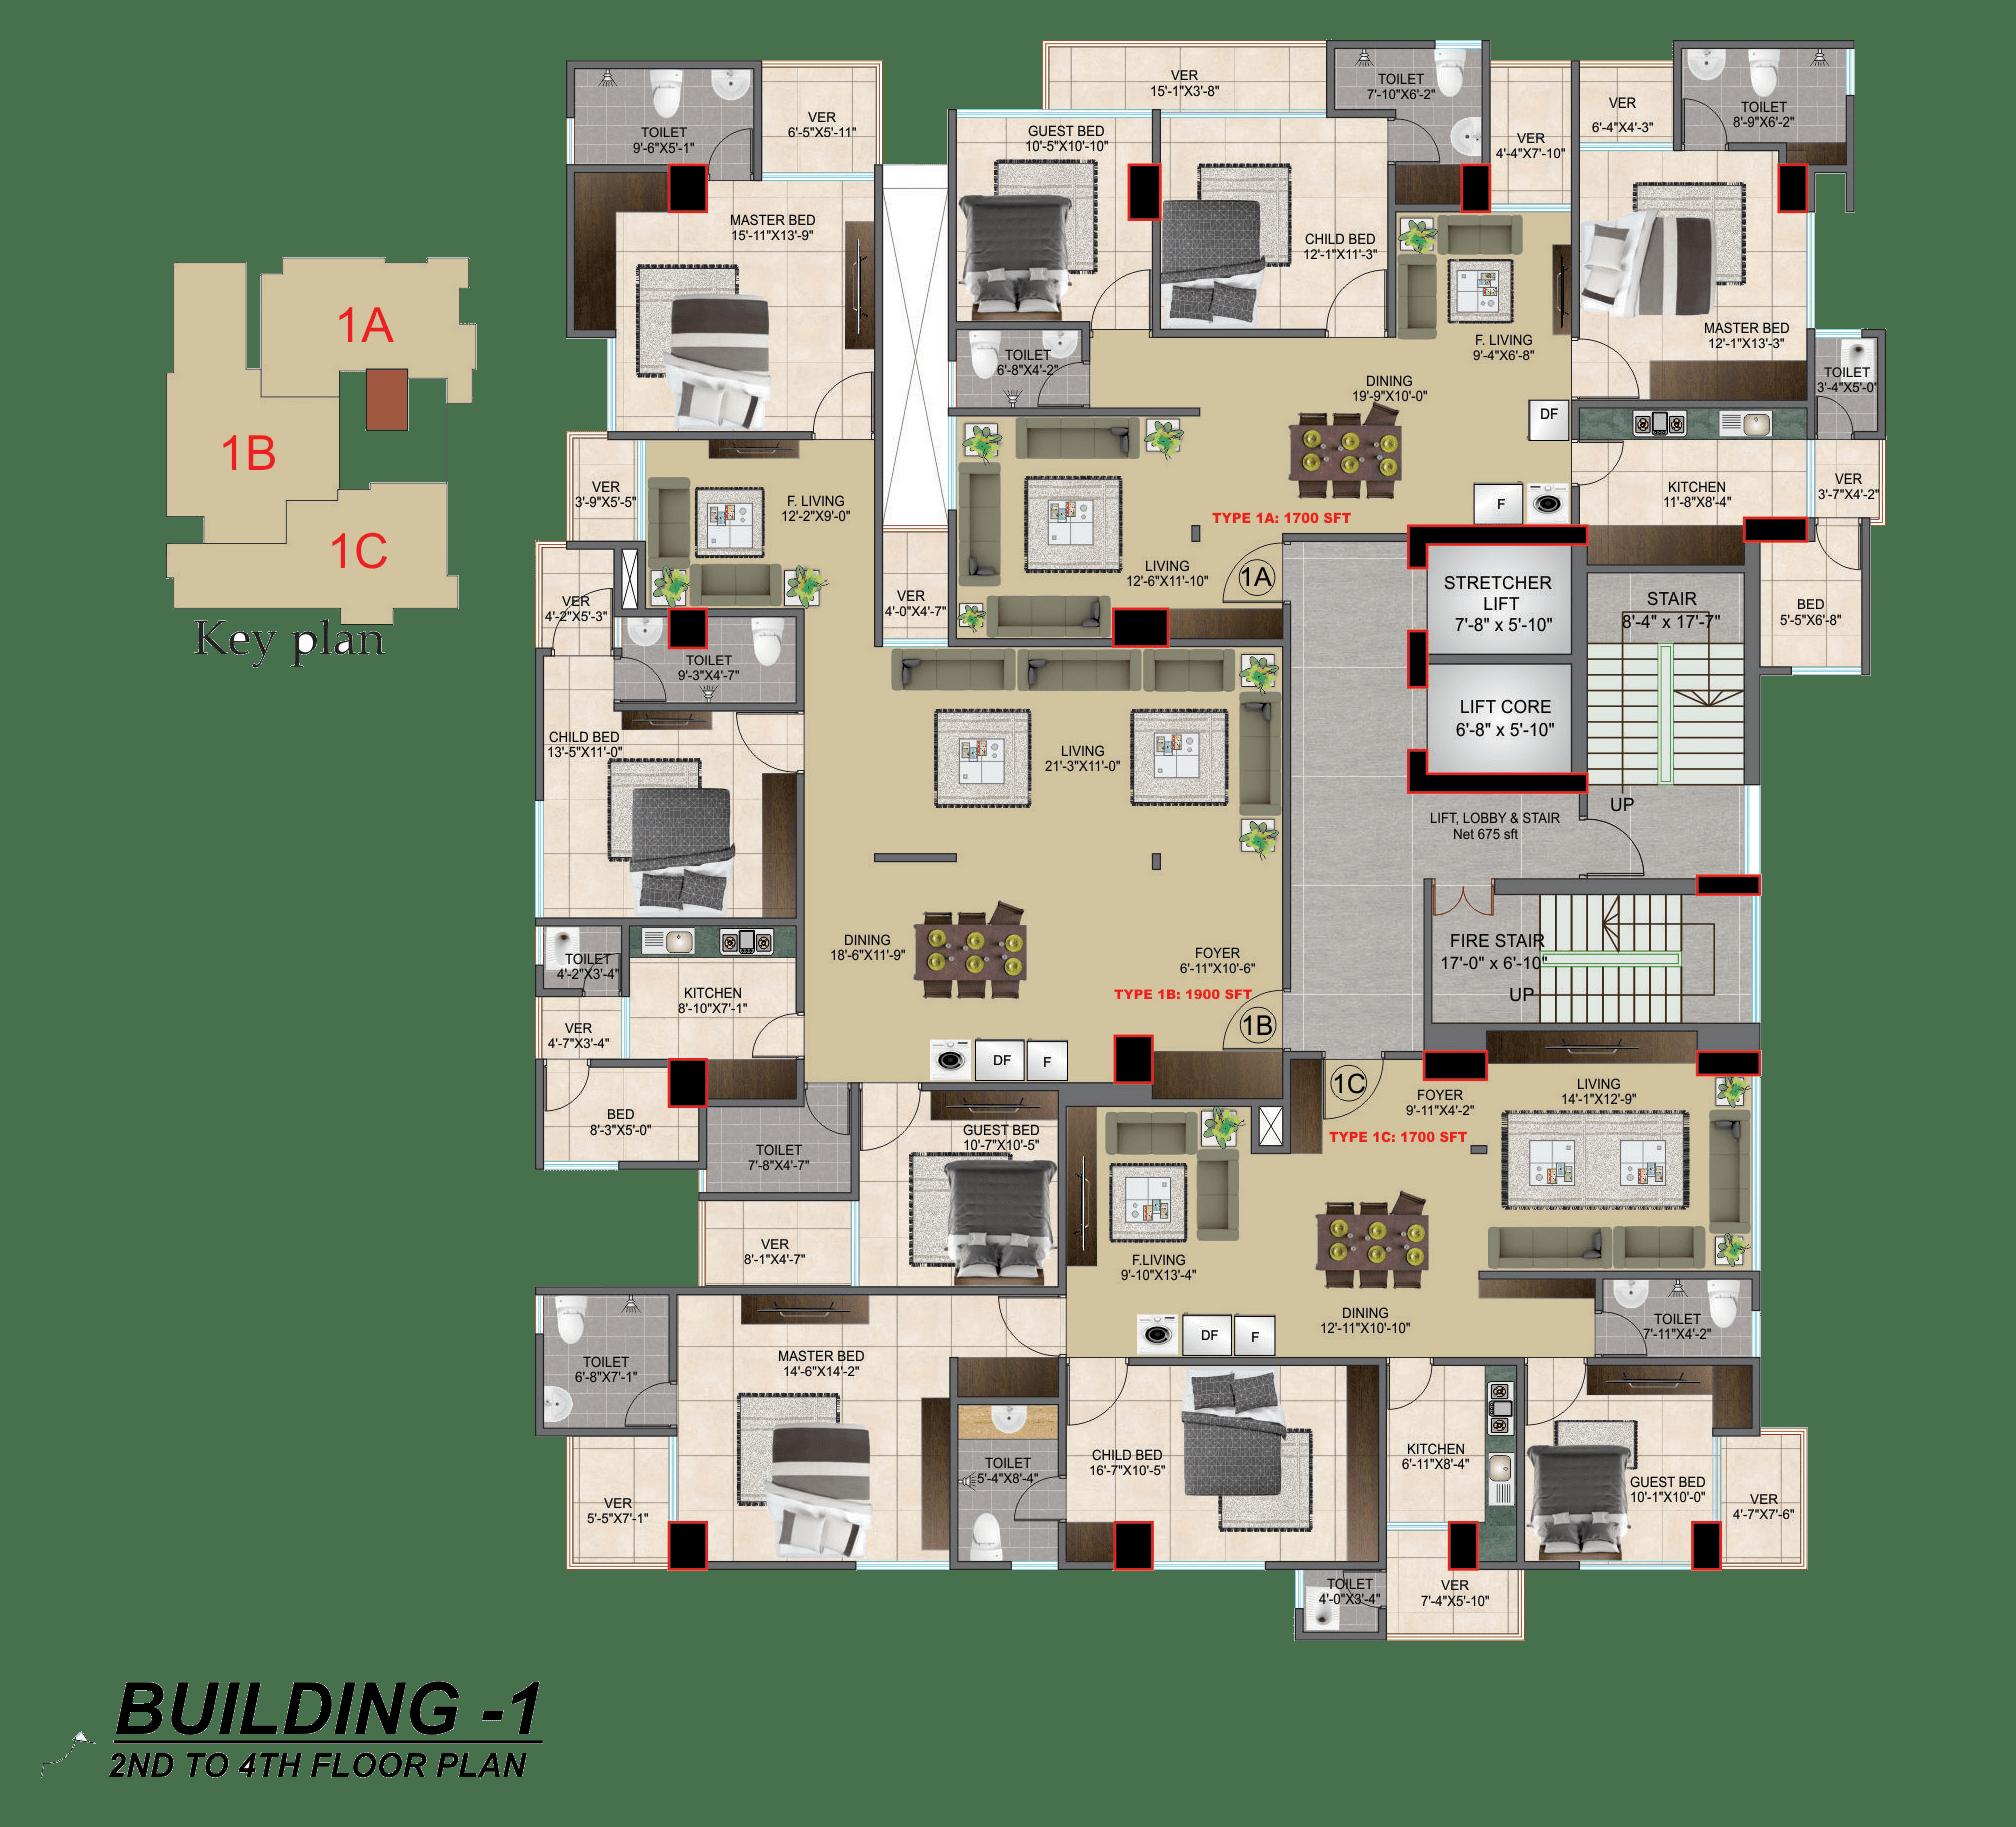 Online City (Condominium Project)